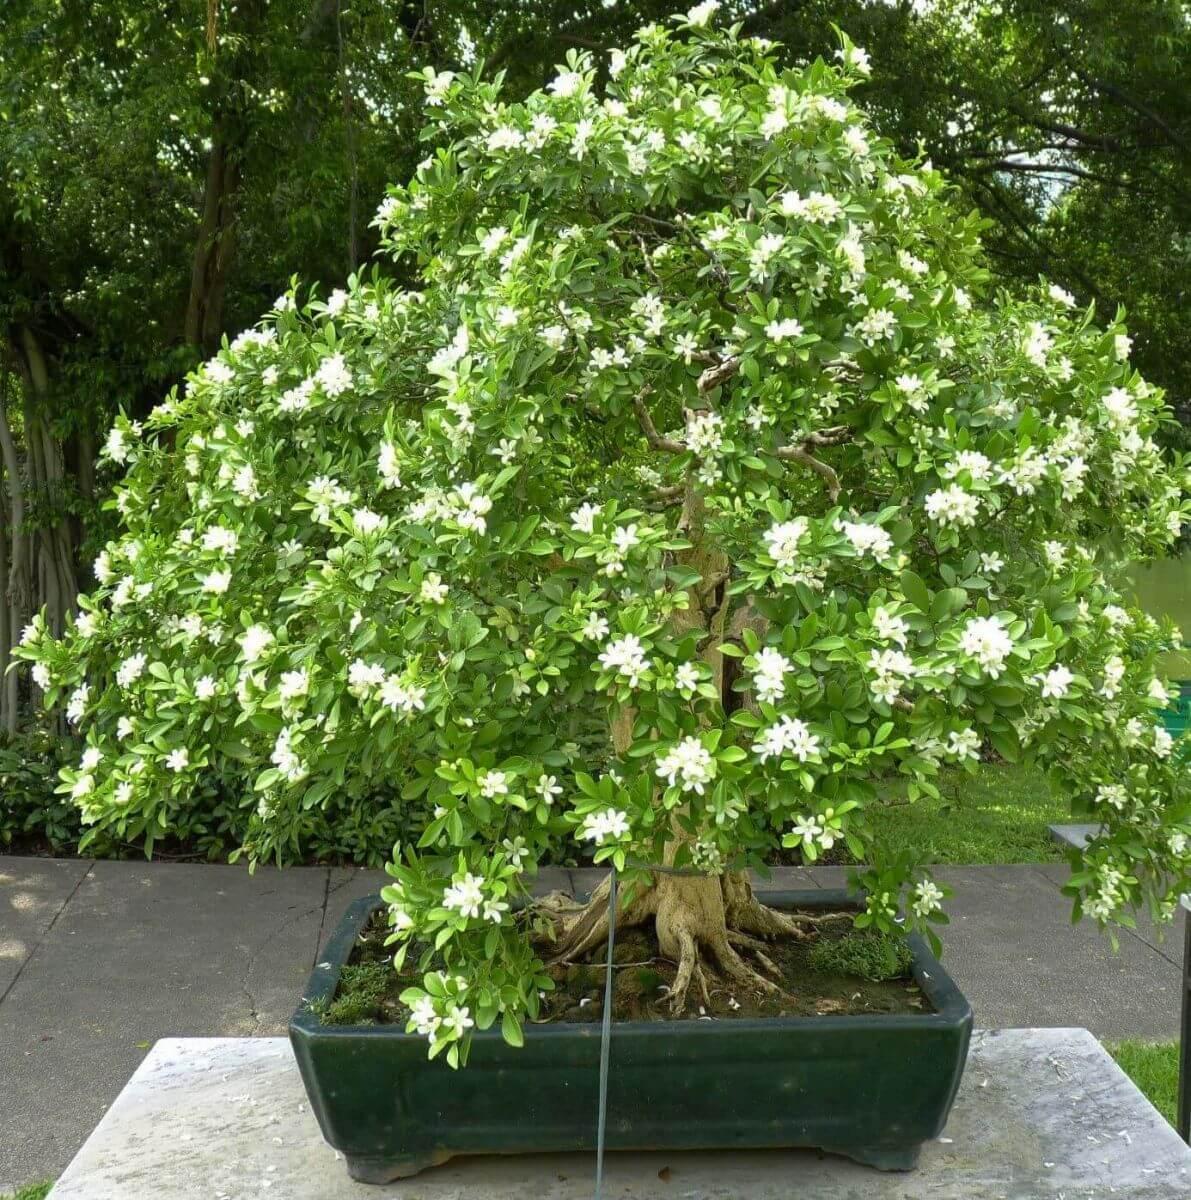 Không cần tinh dầu hay xịt phòng, ngôi nhà của chị em sẽ thơm mát hơn nhờ trong những loại cây này! - Ảnh 14.